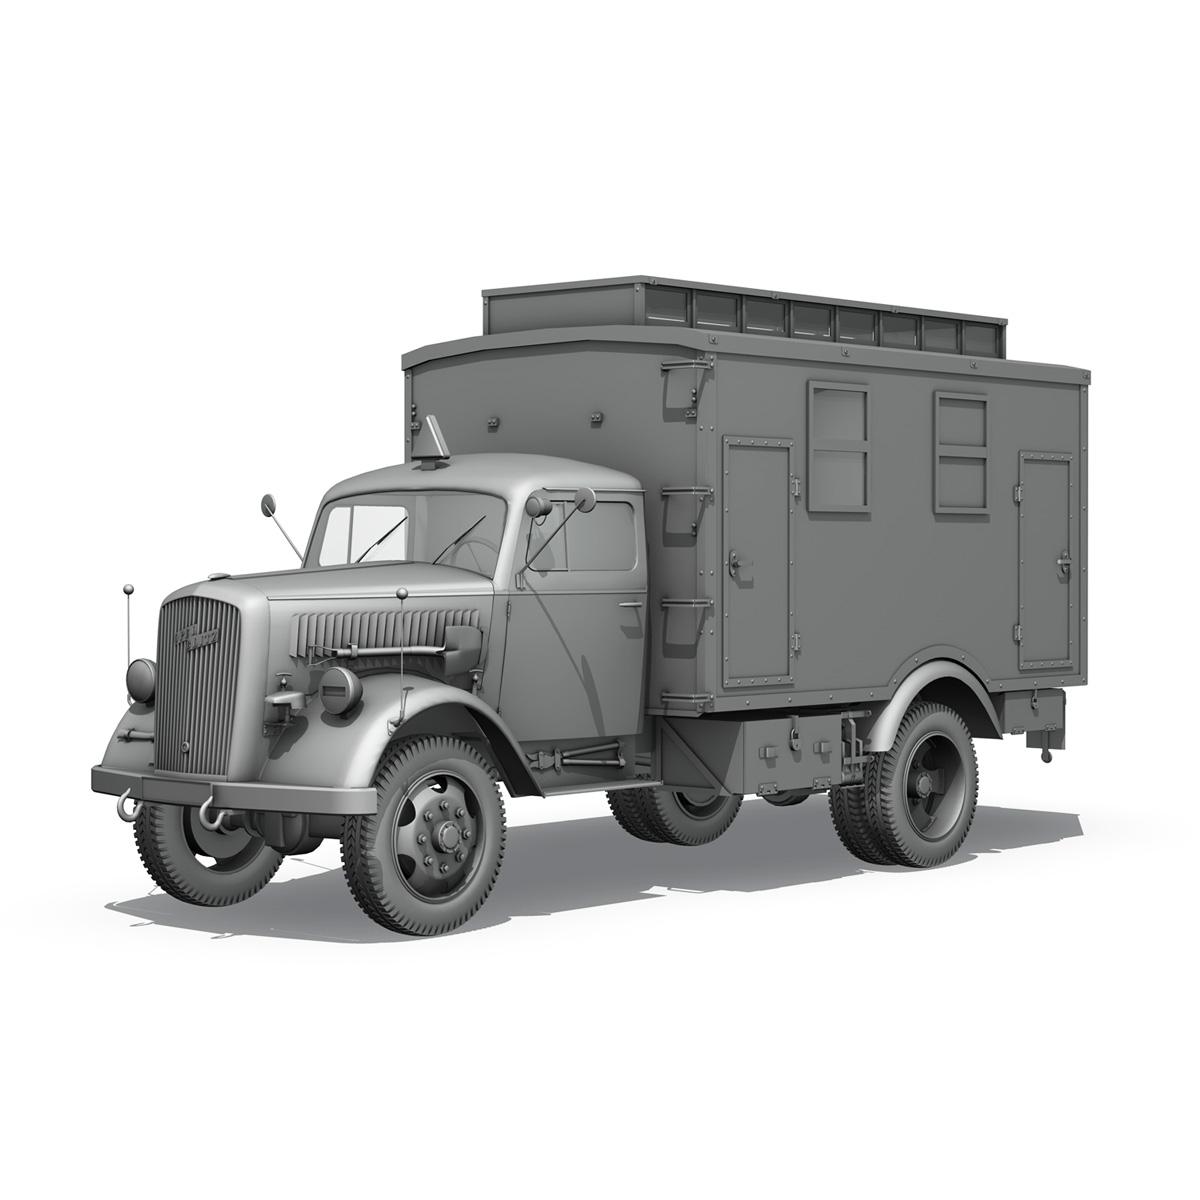 opel blitz - 3t ātrās palīdzības automašīna - 11 pzdiv 3d modelis 3ds fwx lws lws obj c4d 266709